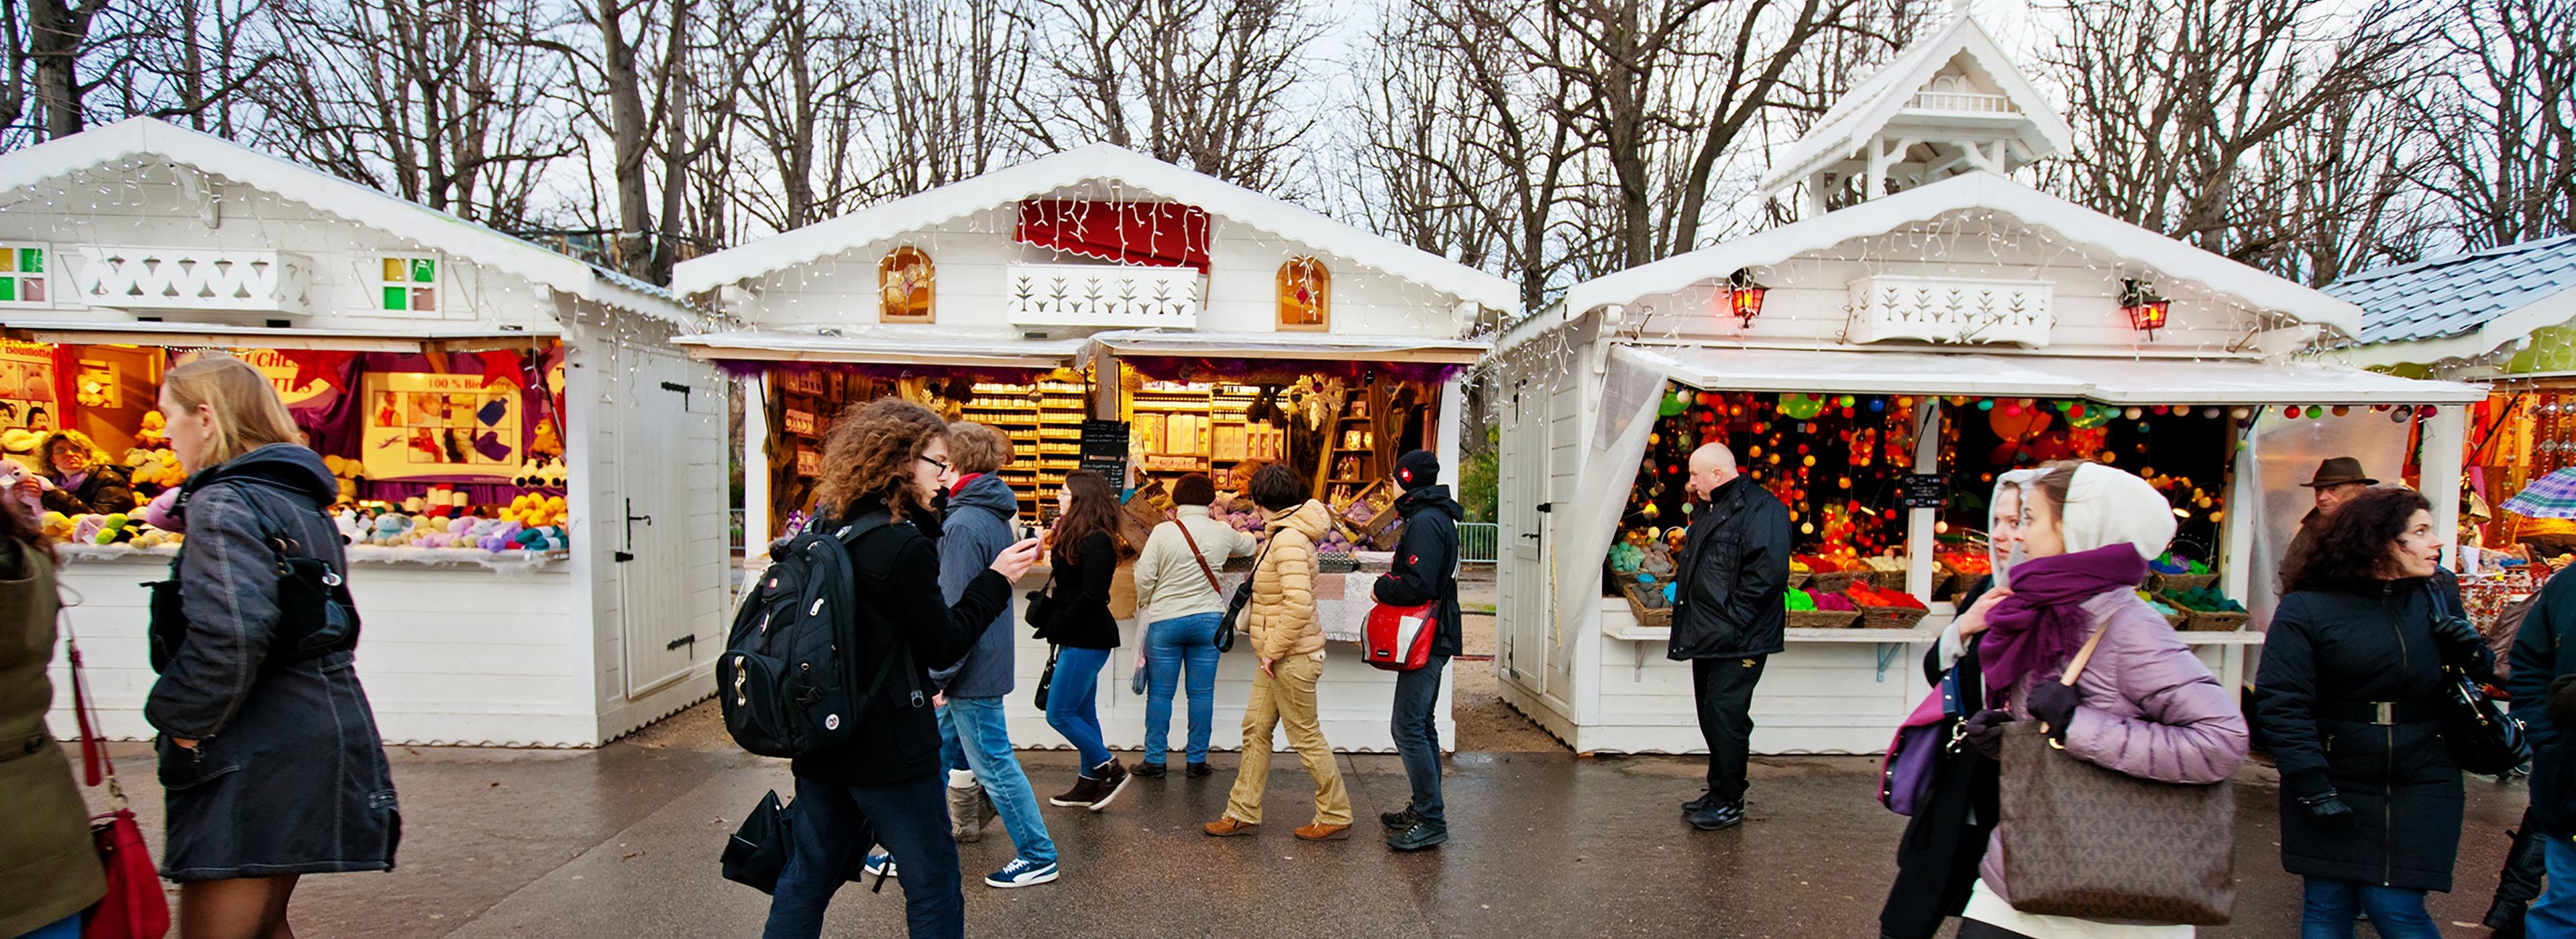 #Christmas Market tour in Paris